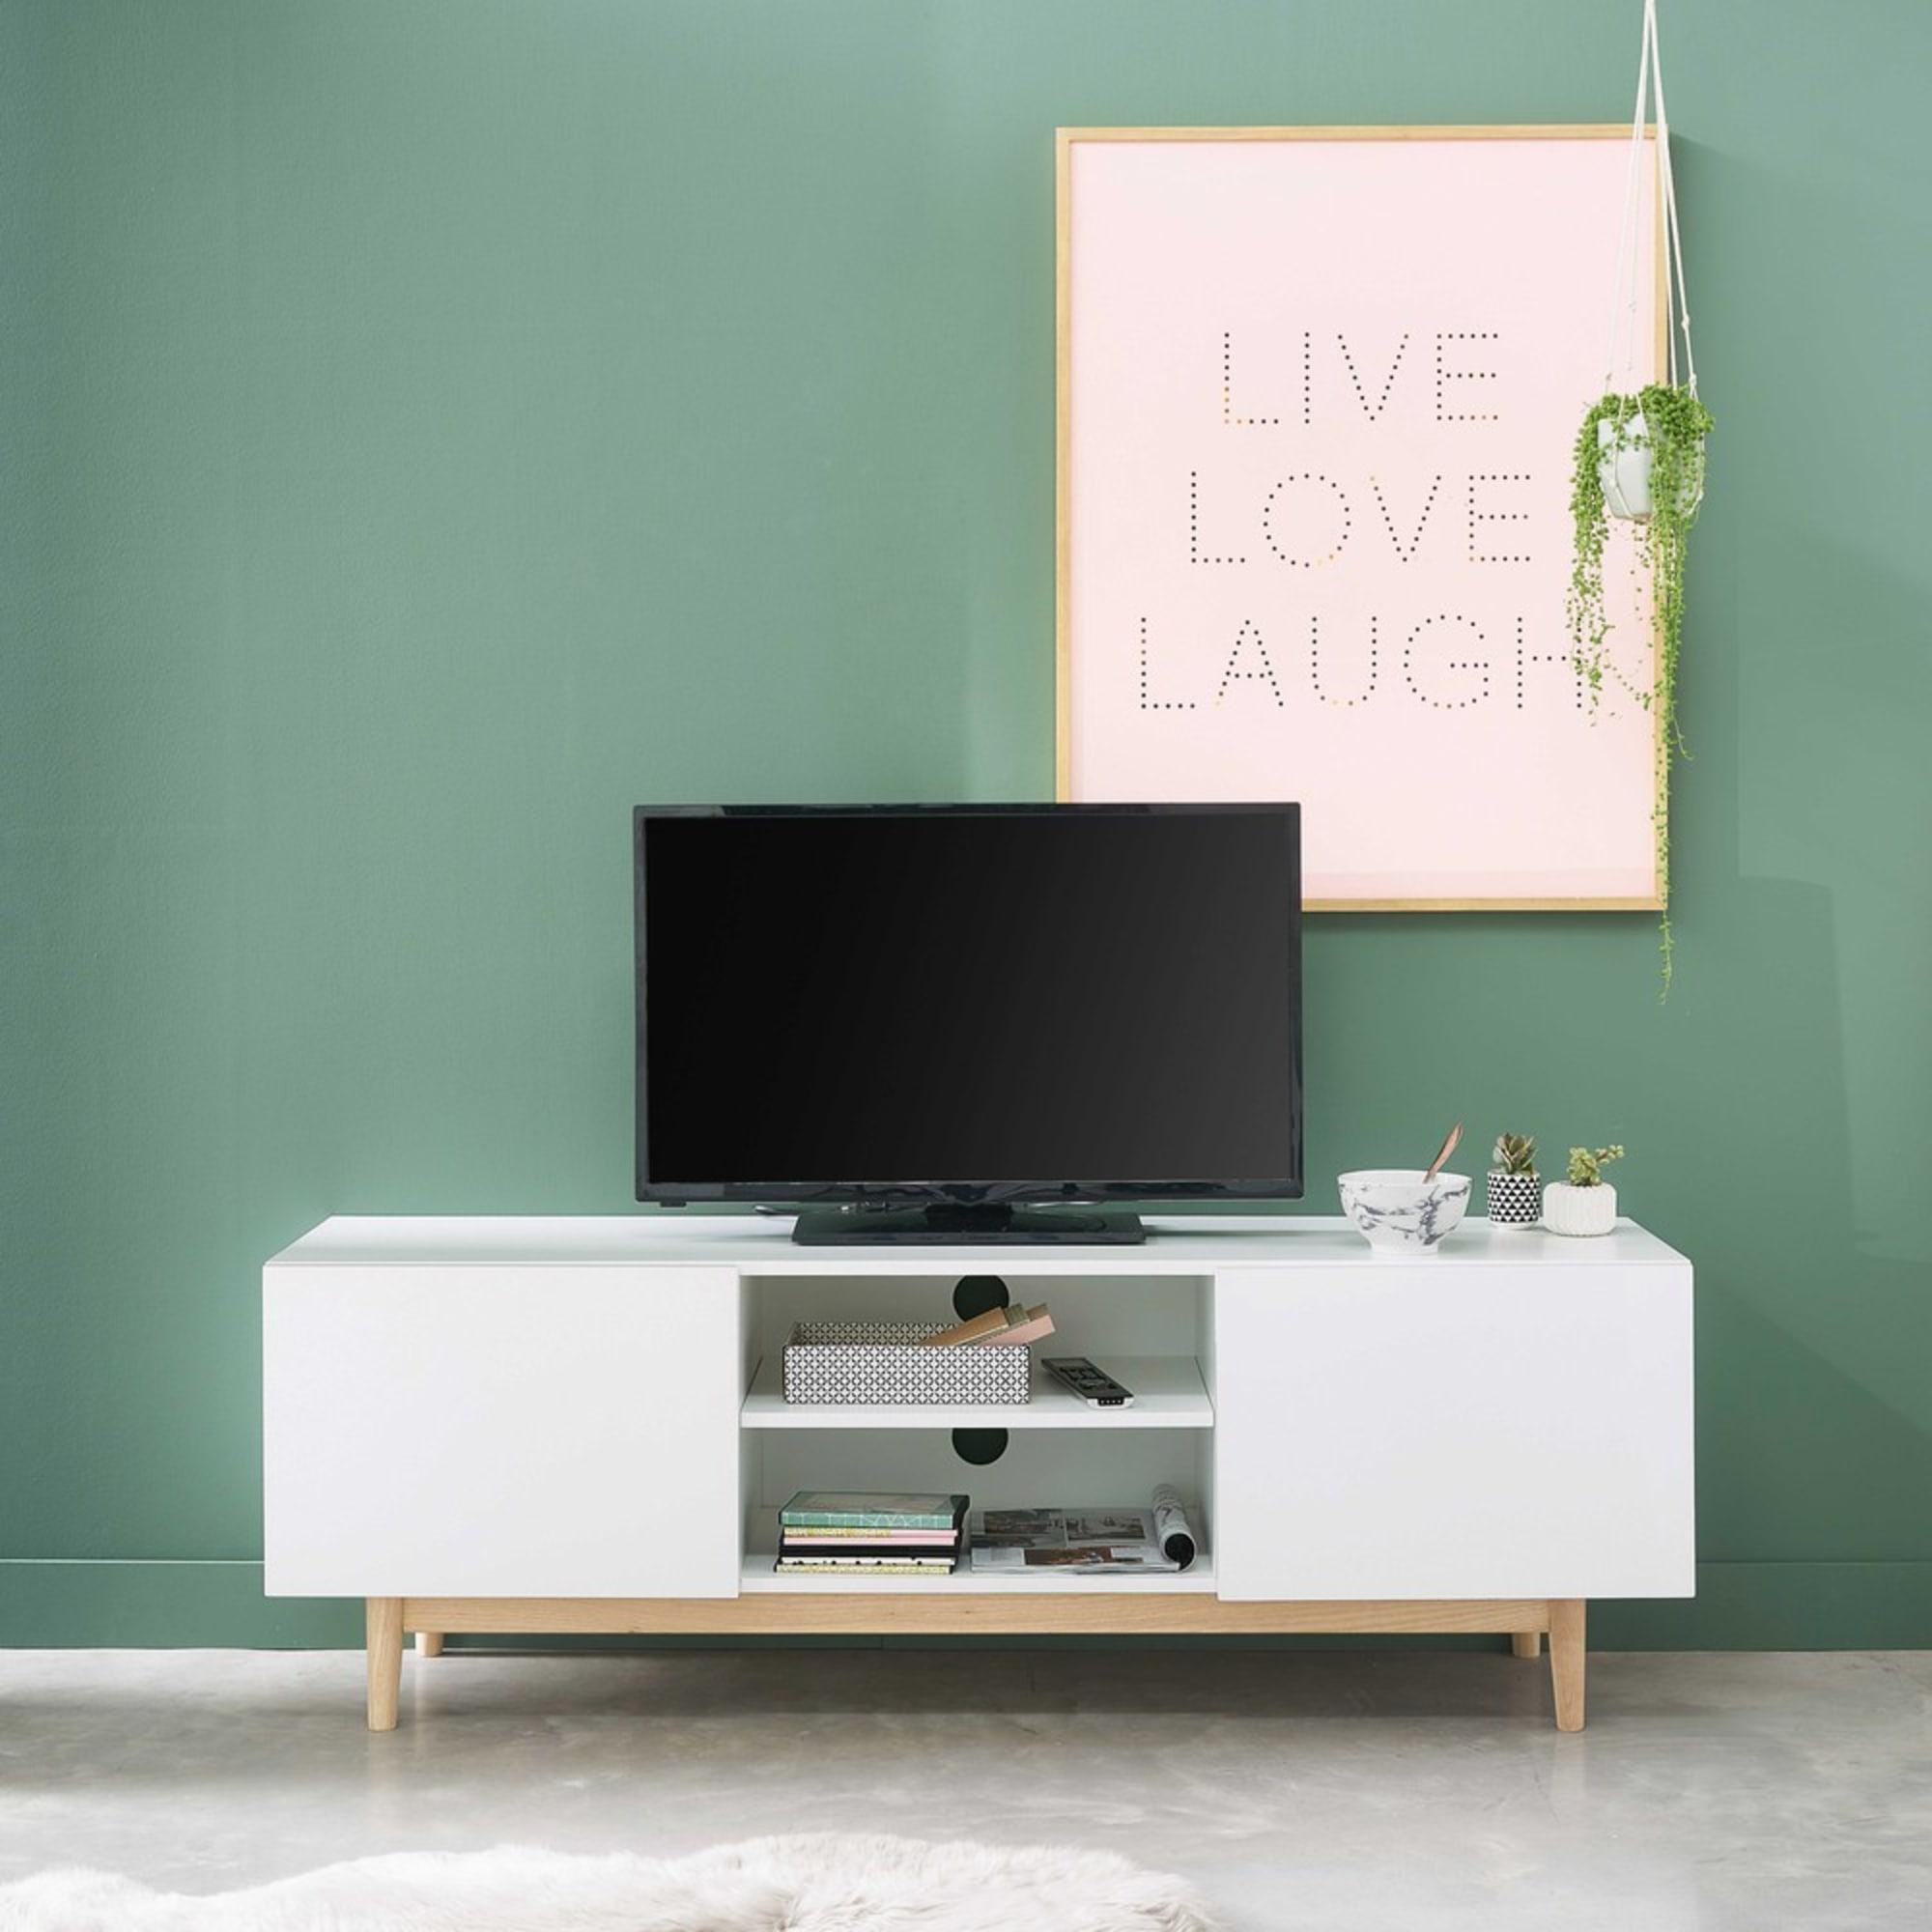 Meuble Tv Vintage Blanc à Moins De 200 Euros